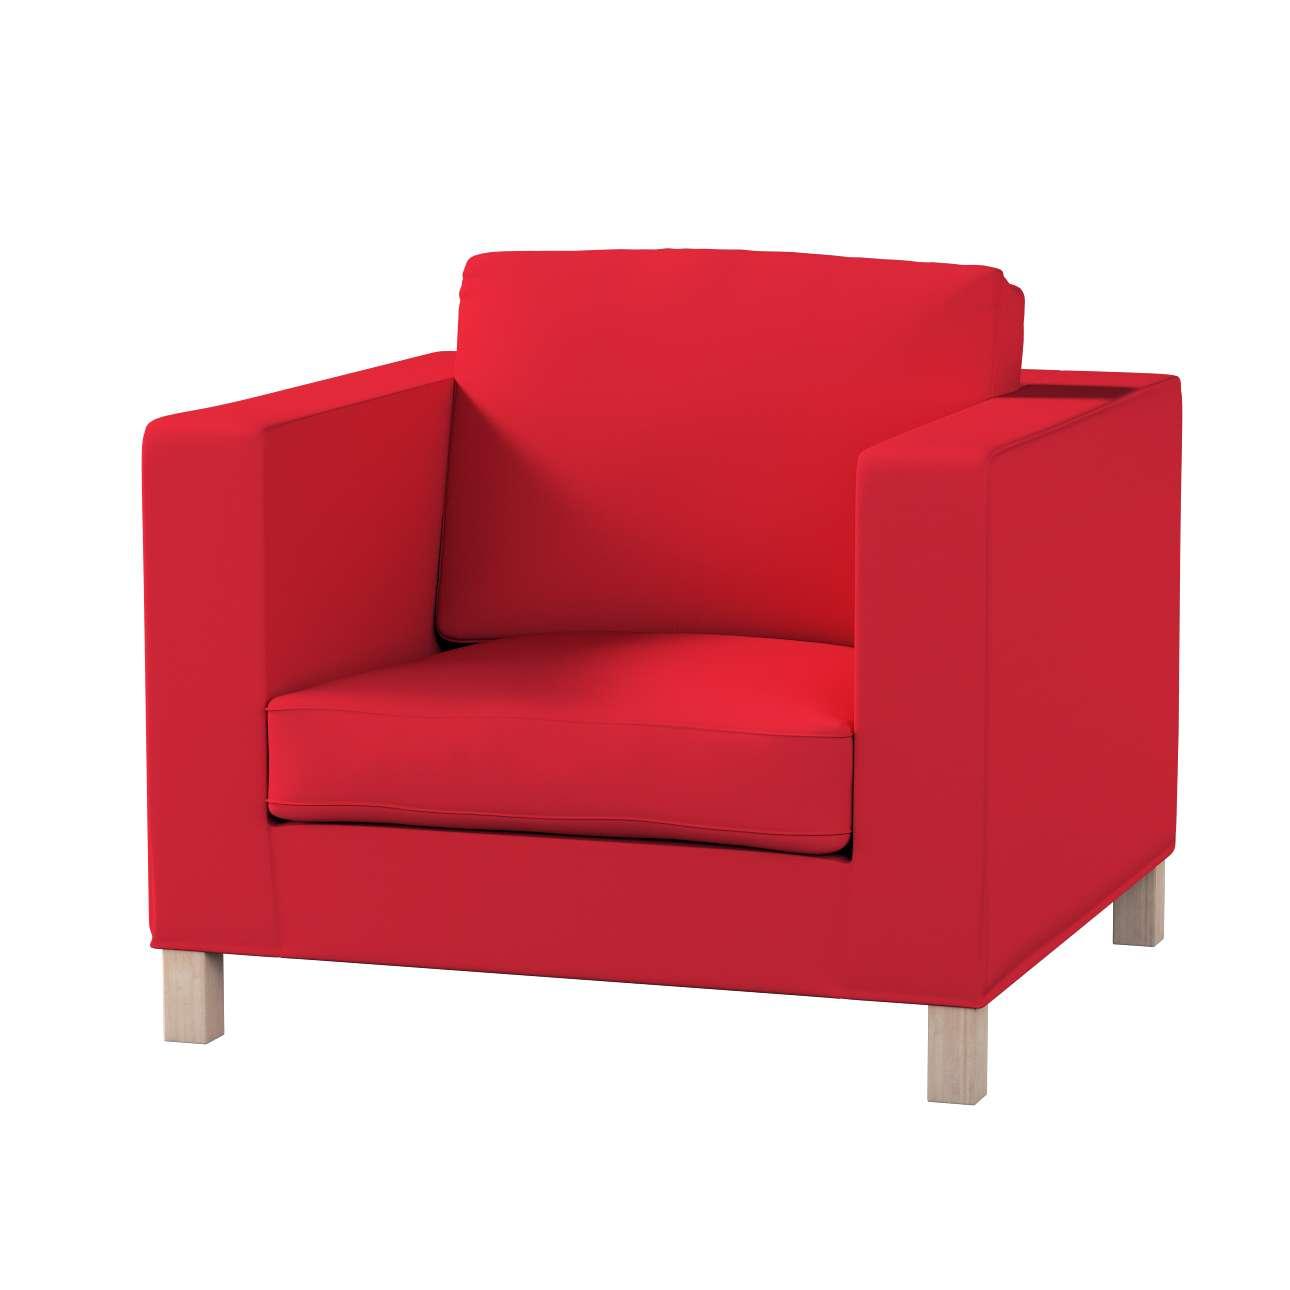 Pokrowiec na fotel Karlanda, krótki fotel Karlanda w kolekcji Cotton Panama, tkanina: 702-04